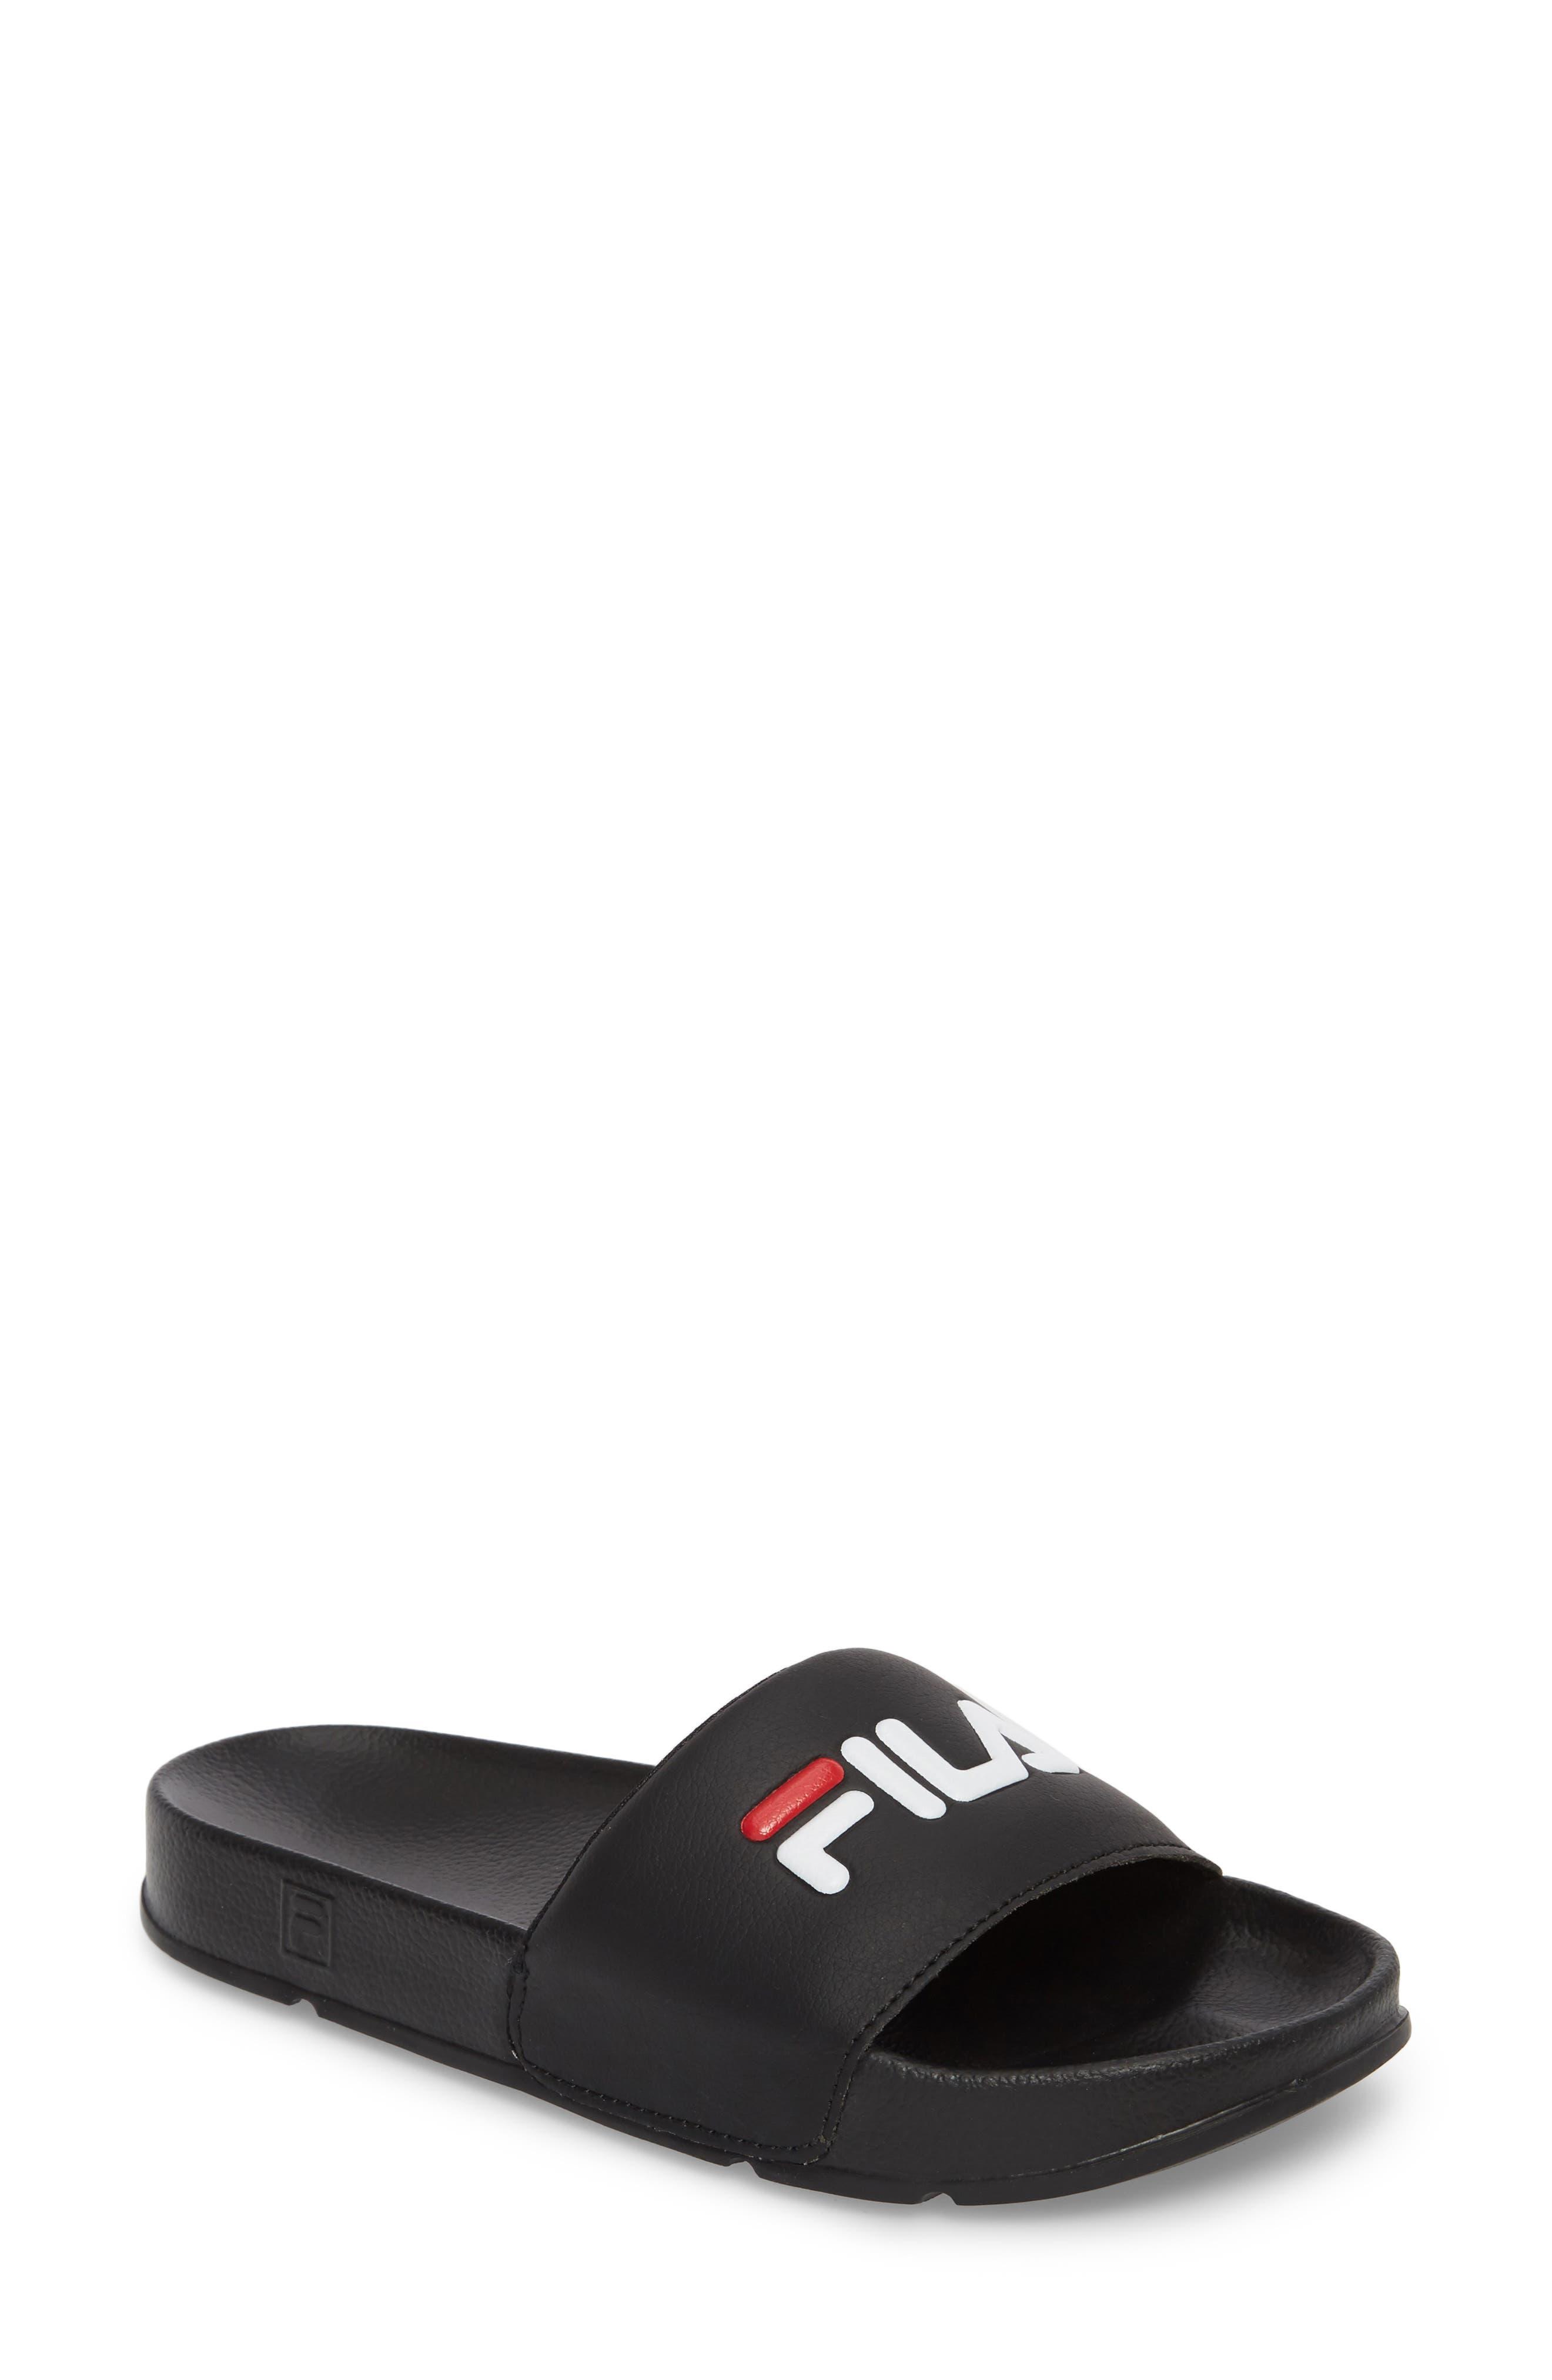 Main Image - FILA Drifter Slide Sandal (Women)